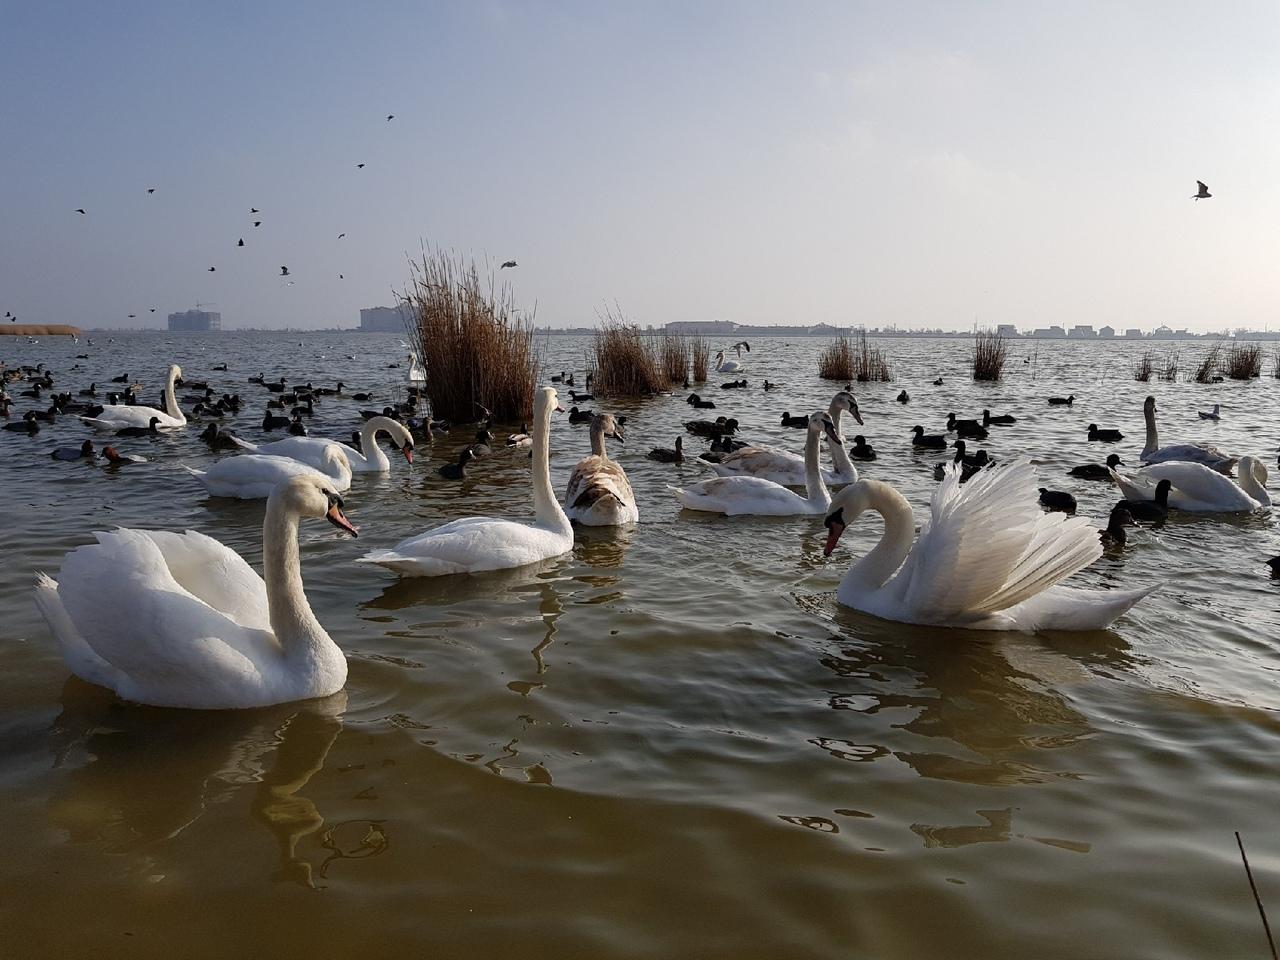 Блог путешественника по Крыму: Лебединое озеро в Евпатории